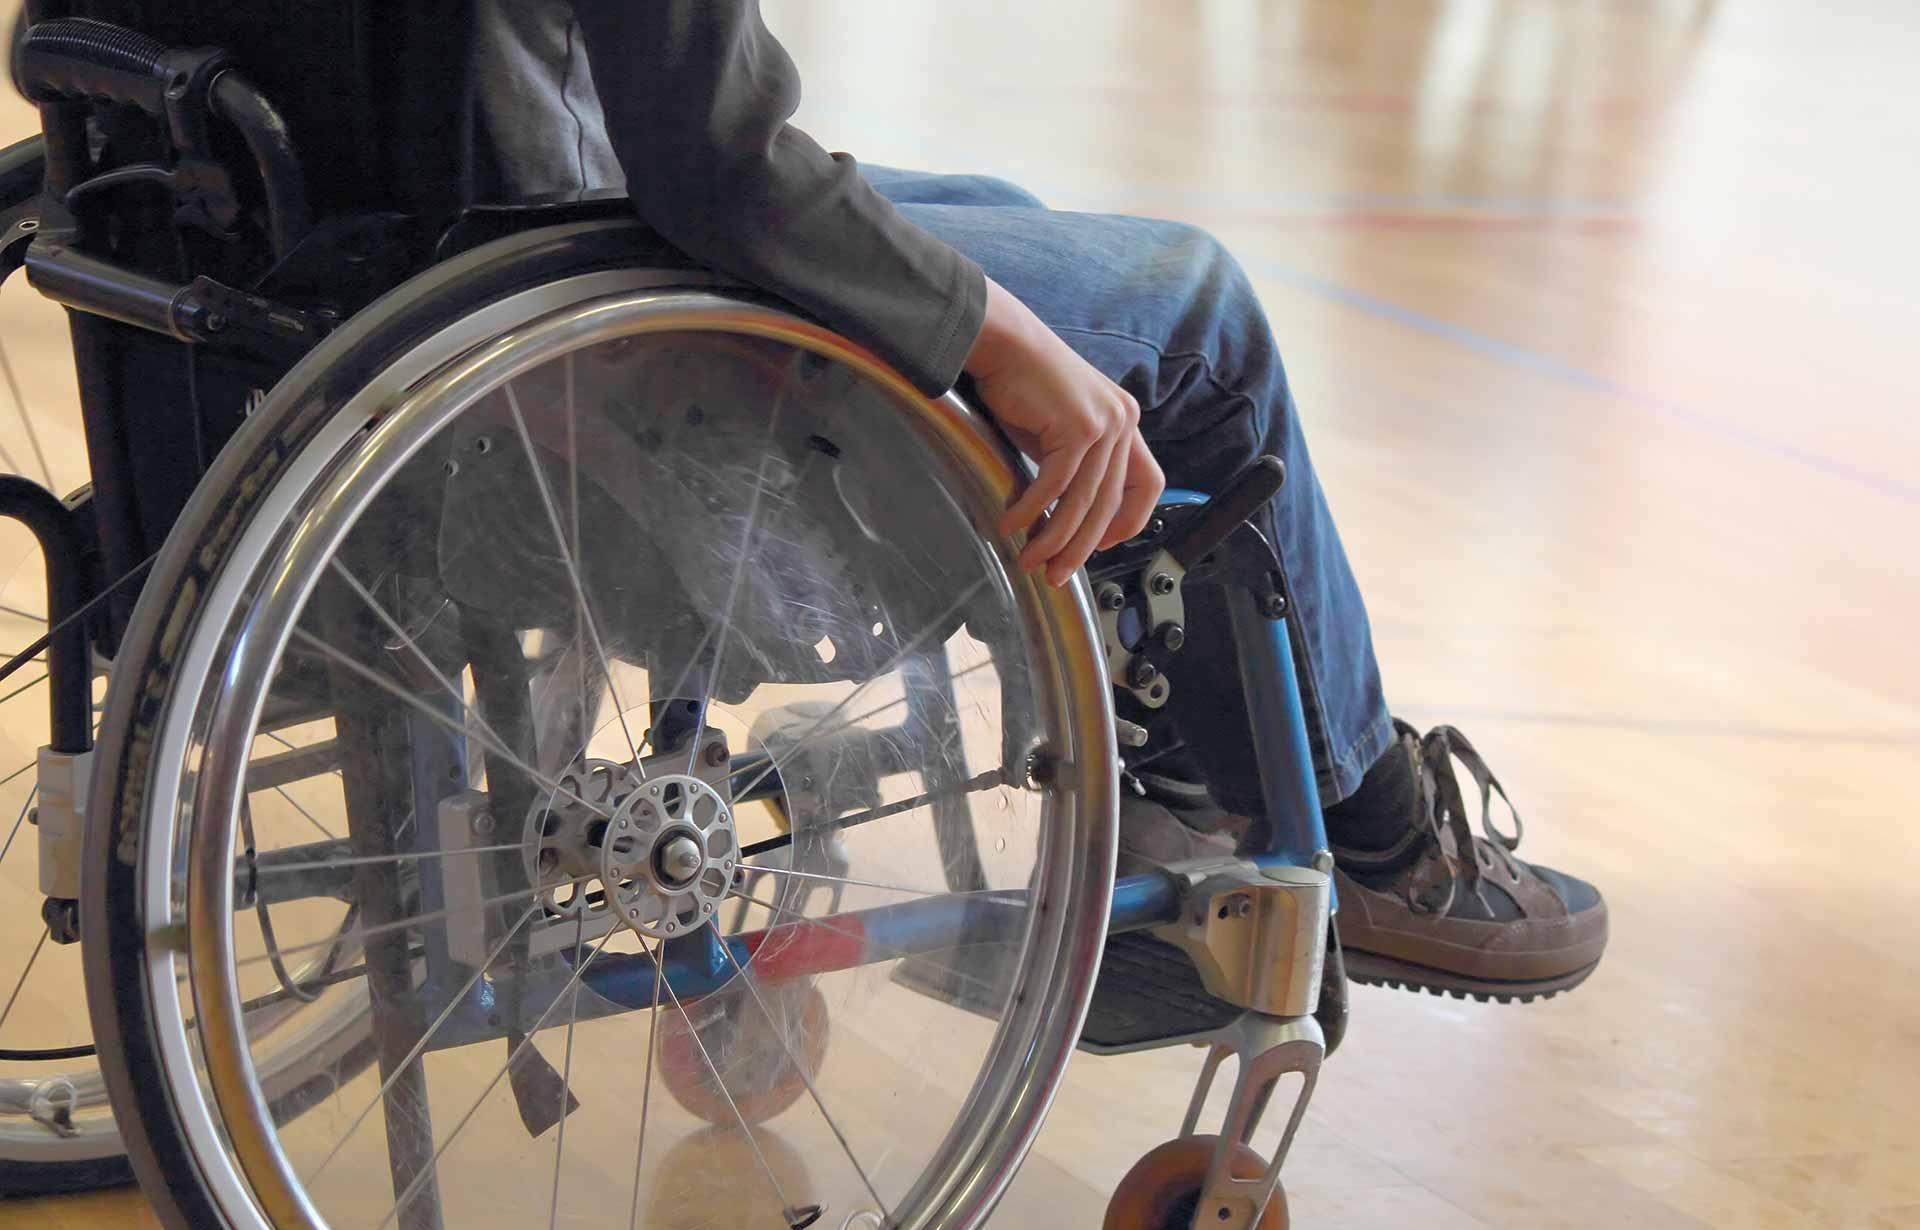 Путин подписал указ об обслуживании детей-инвалидов без очереди - новости Афанасий